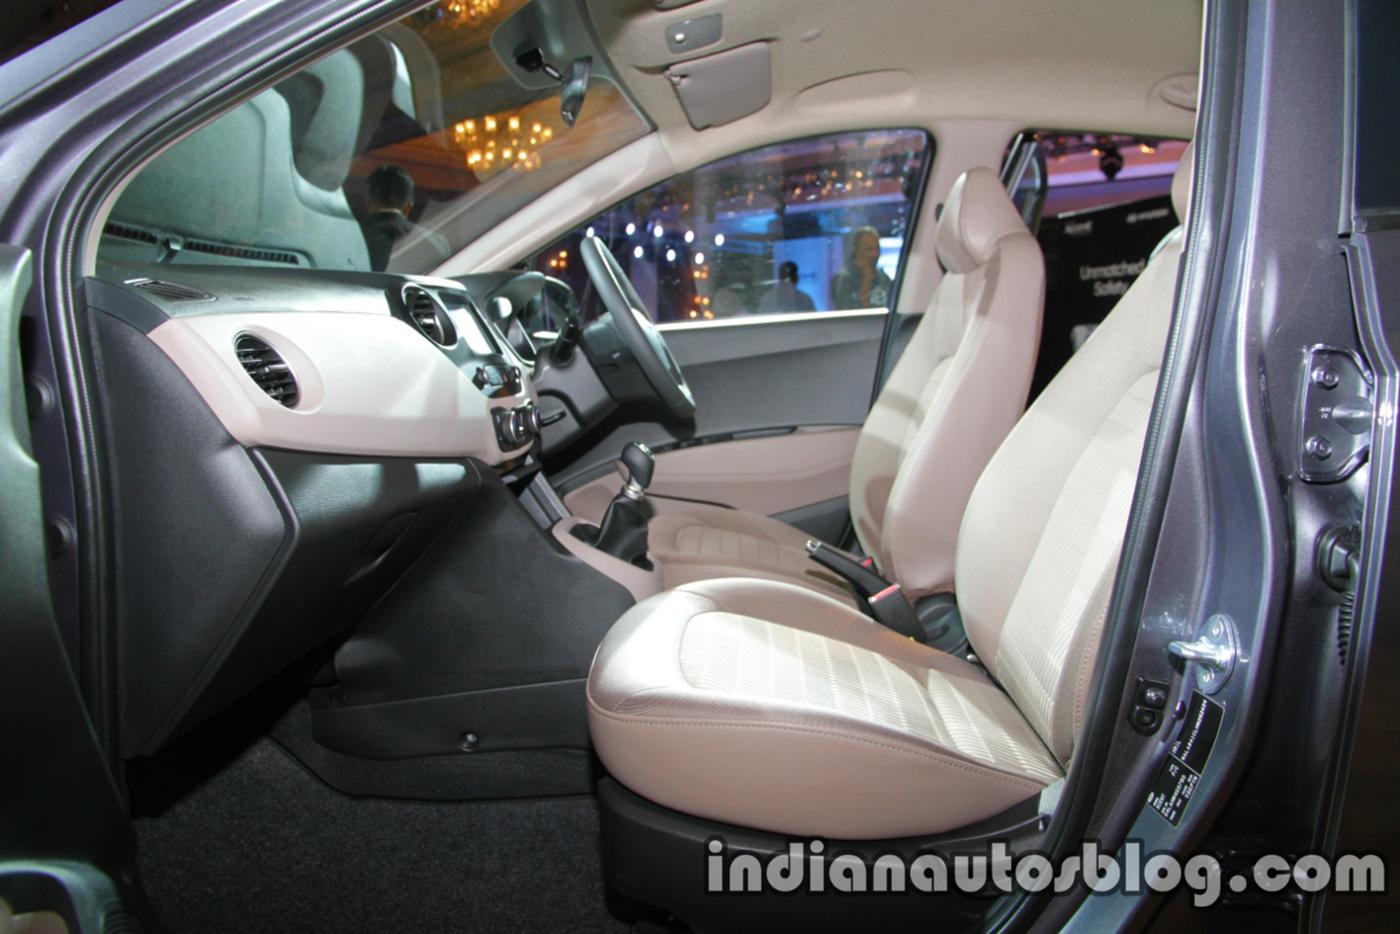 hyundai-i10-sedan-2017-8.jpg